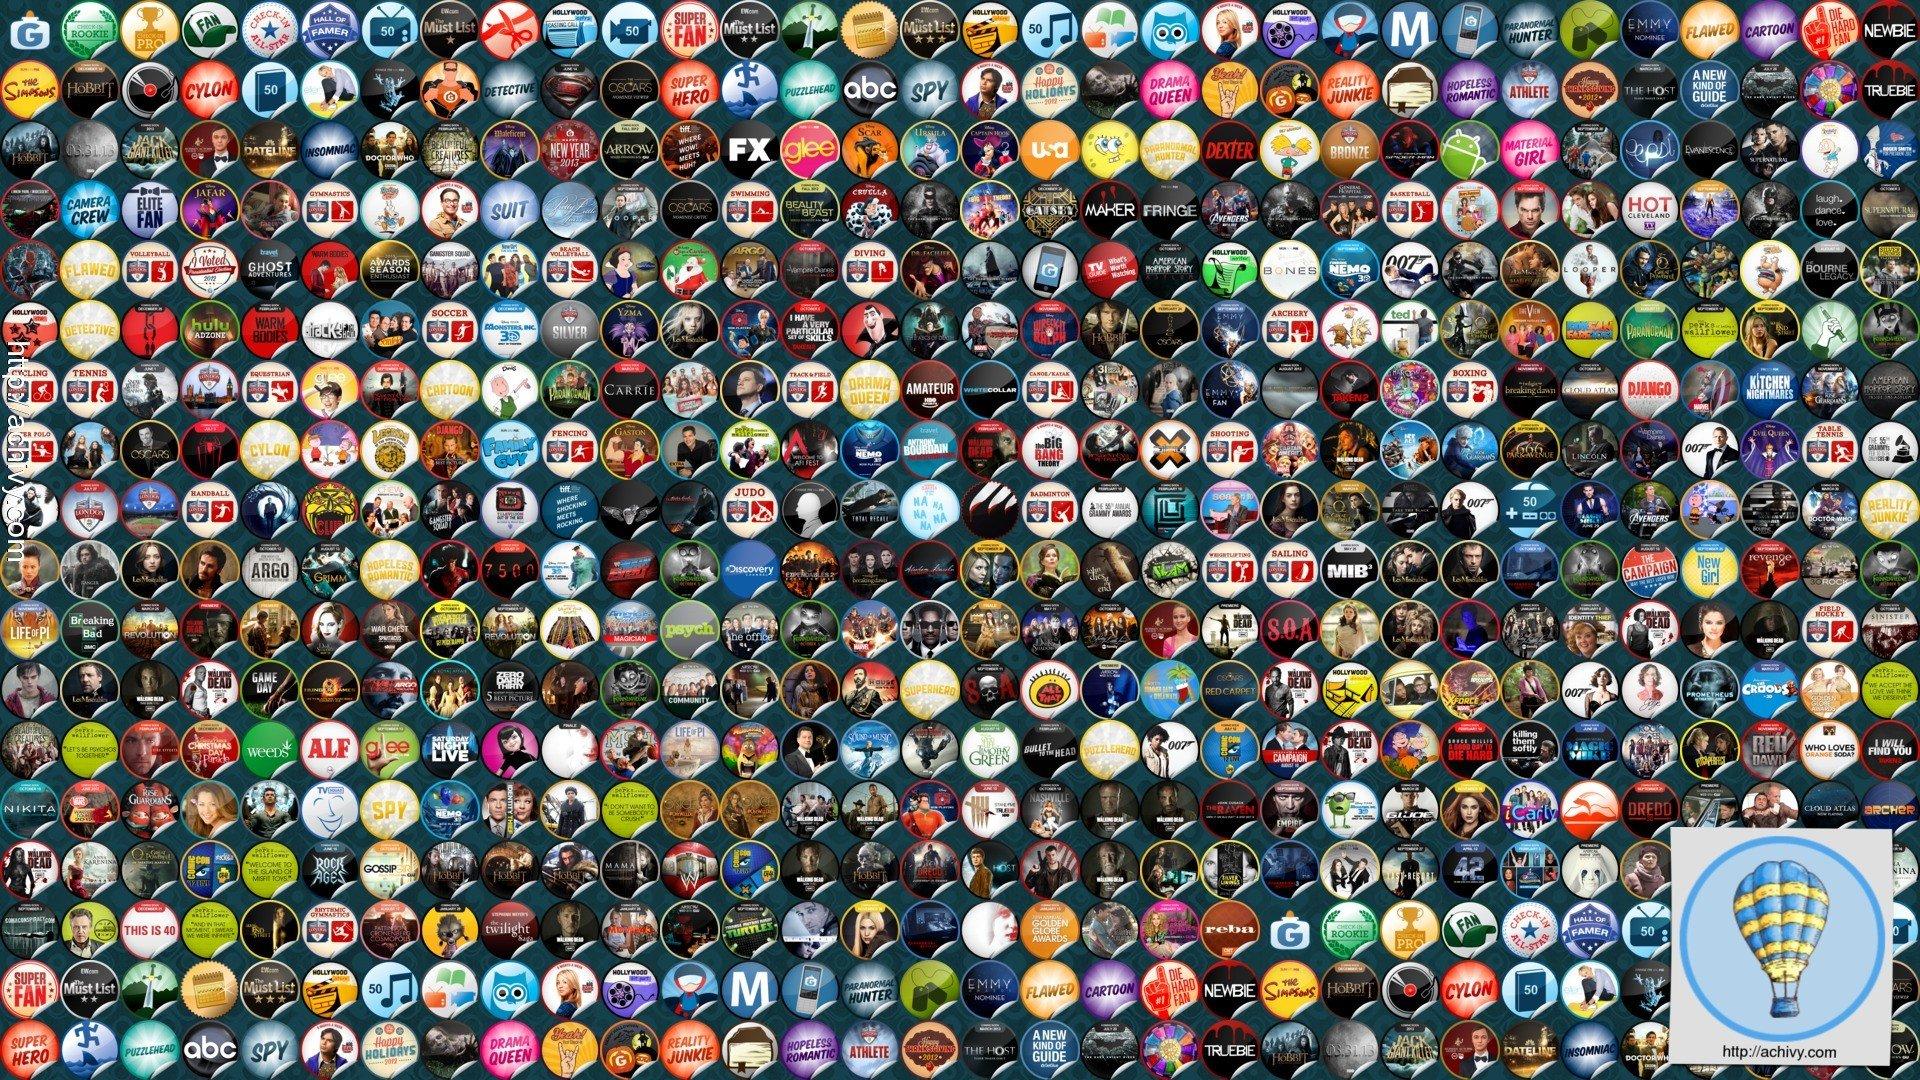 Sticker Bomb, Sticks, Bomb Wallpaper